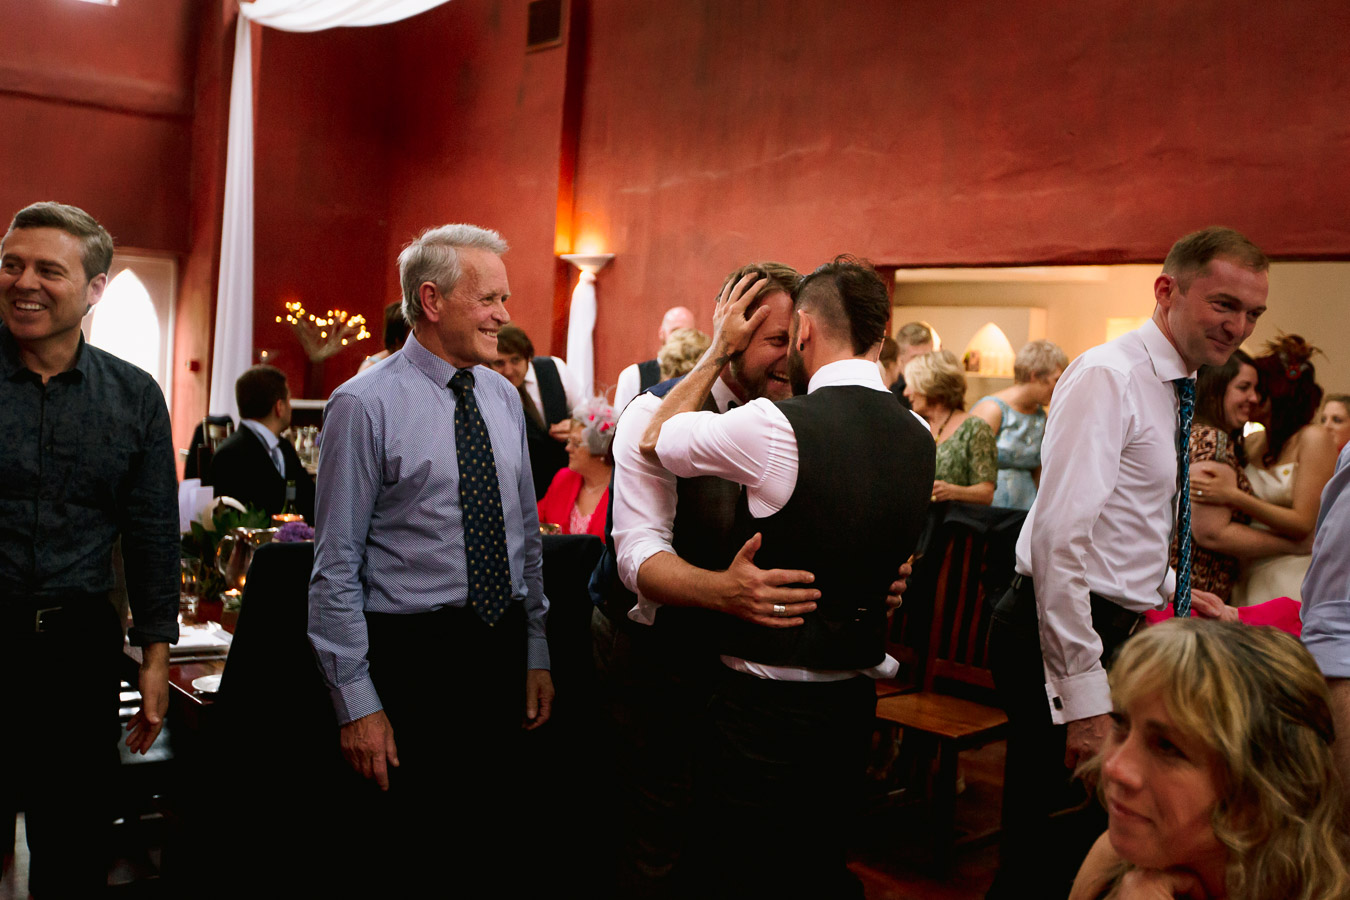 Triskel christchurch wedding